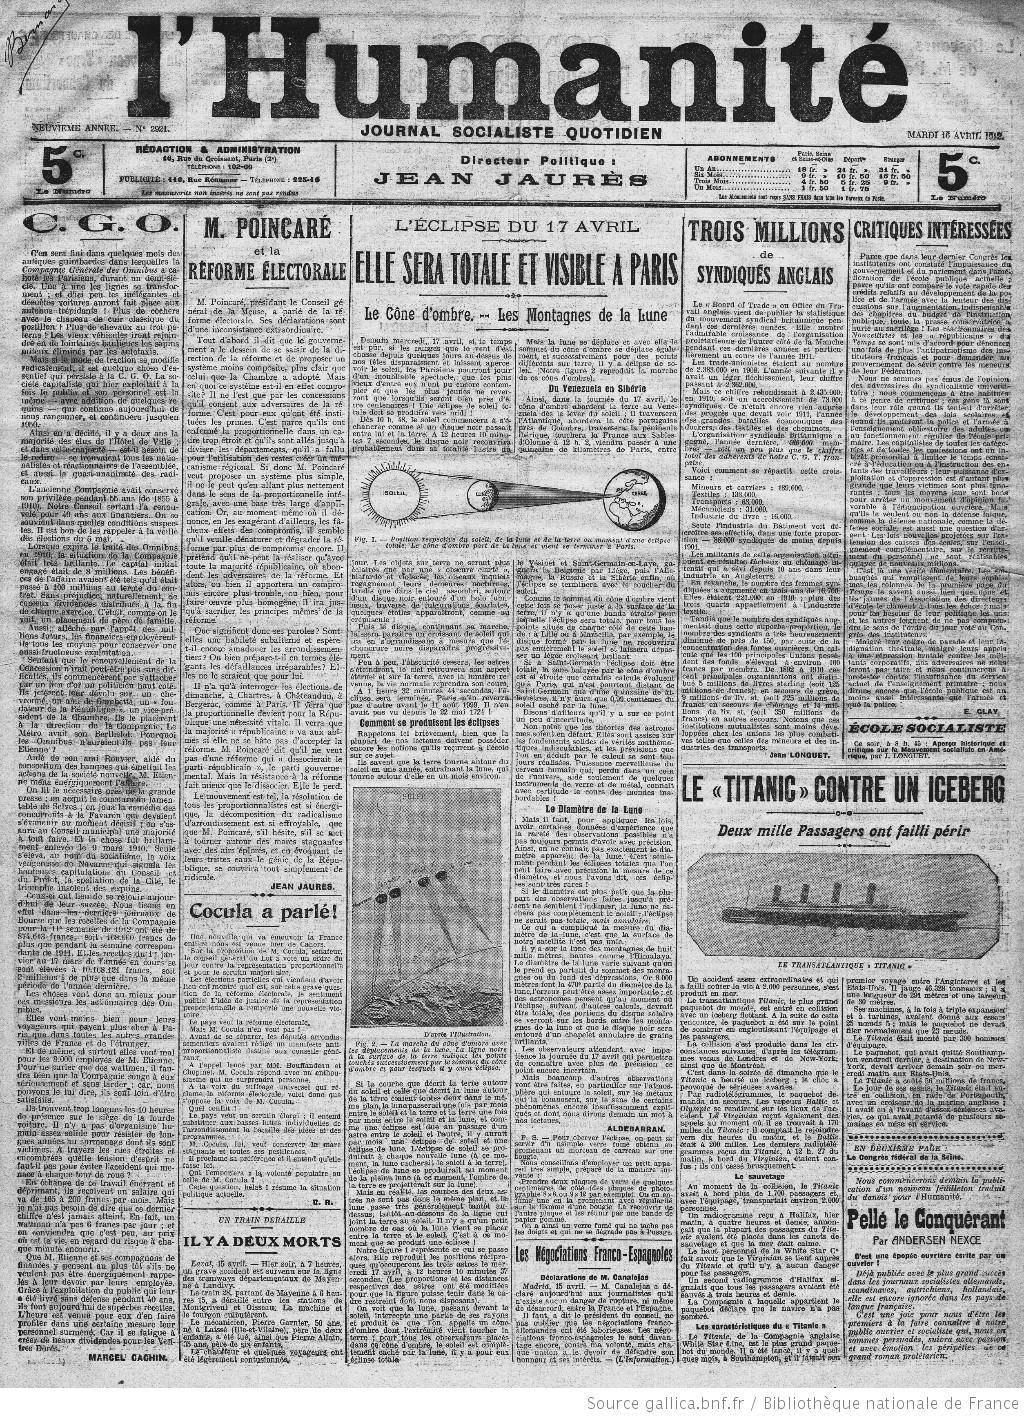 Tous les passagers ont été sauvés - Page 2 1912-04-16%20l%20humanite%201